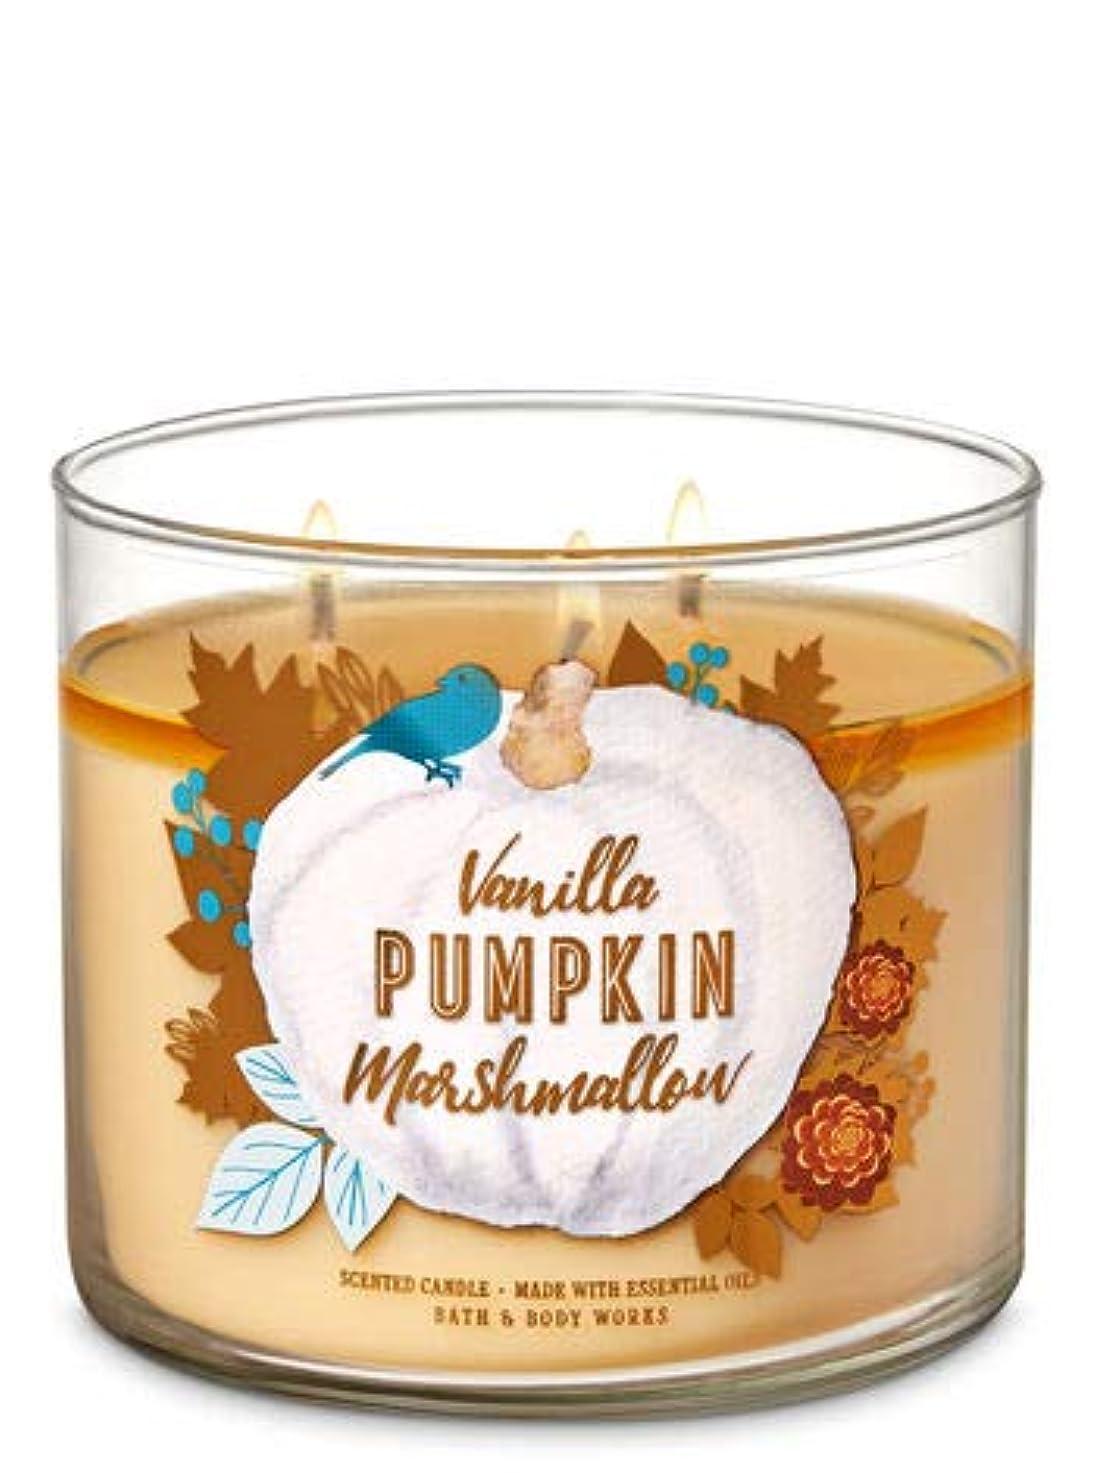 起きる提唱する別の【Bath&Body Works/バス&ボディワークス】 アロマ キャンドル バニラパンプキンマシュマロ 3-Wick Scented Candle Vanilla Pumpkin Marshmallow 14.5oz/...